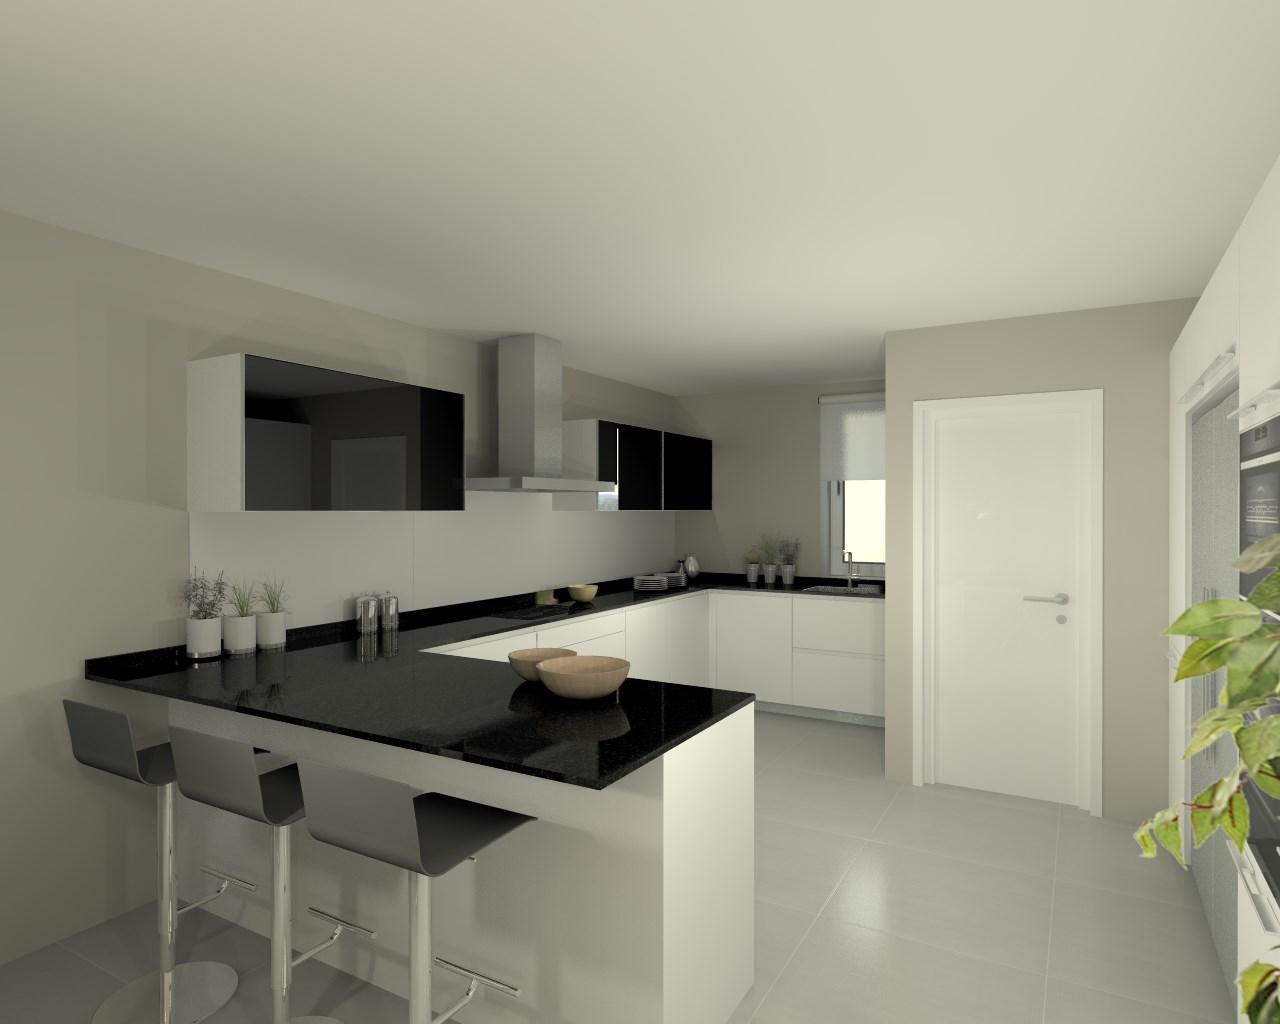 Proyectos de cocinas docrys cocinas - Microondas encimera ...